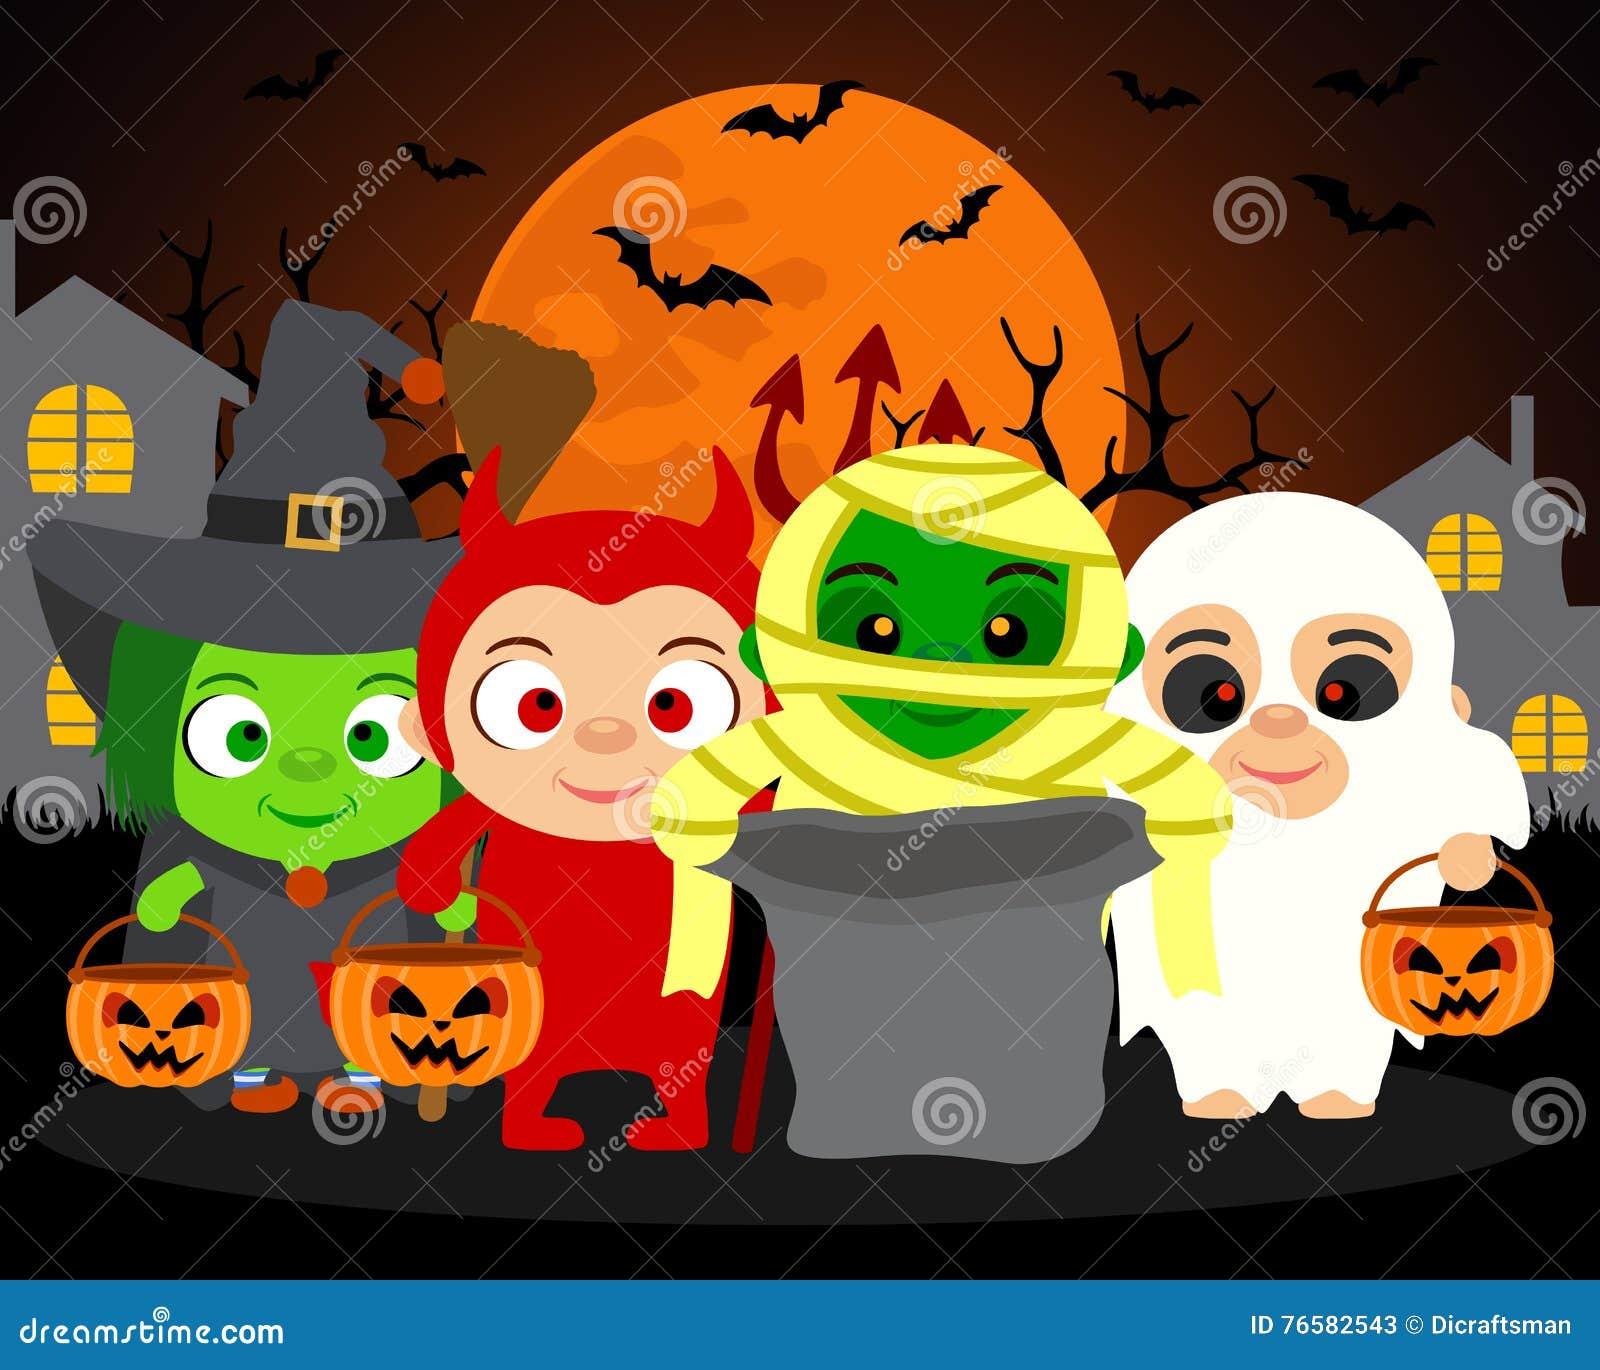 Süßes Sonst Gibt\'s Saures Vektor Halloween-Hintergrund Mit Kindern ...